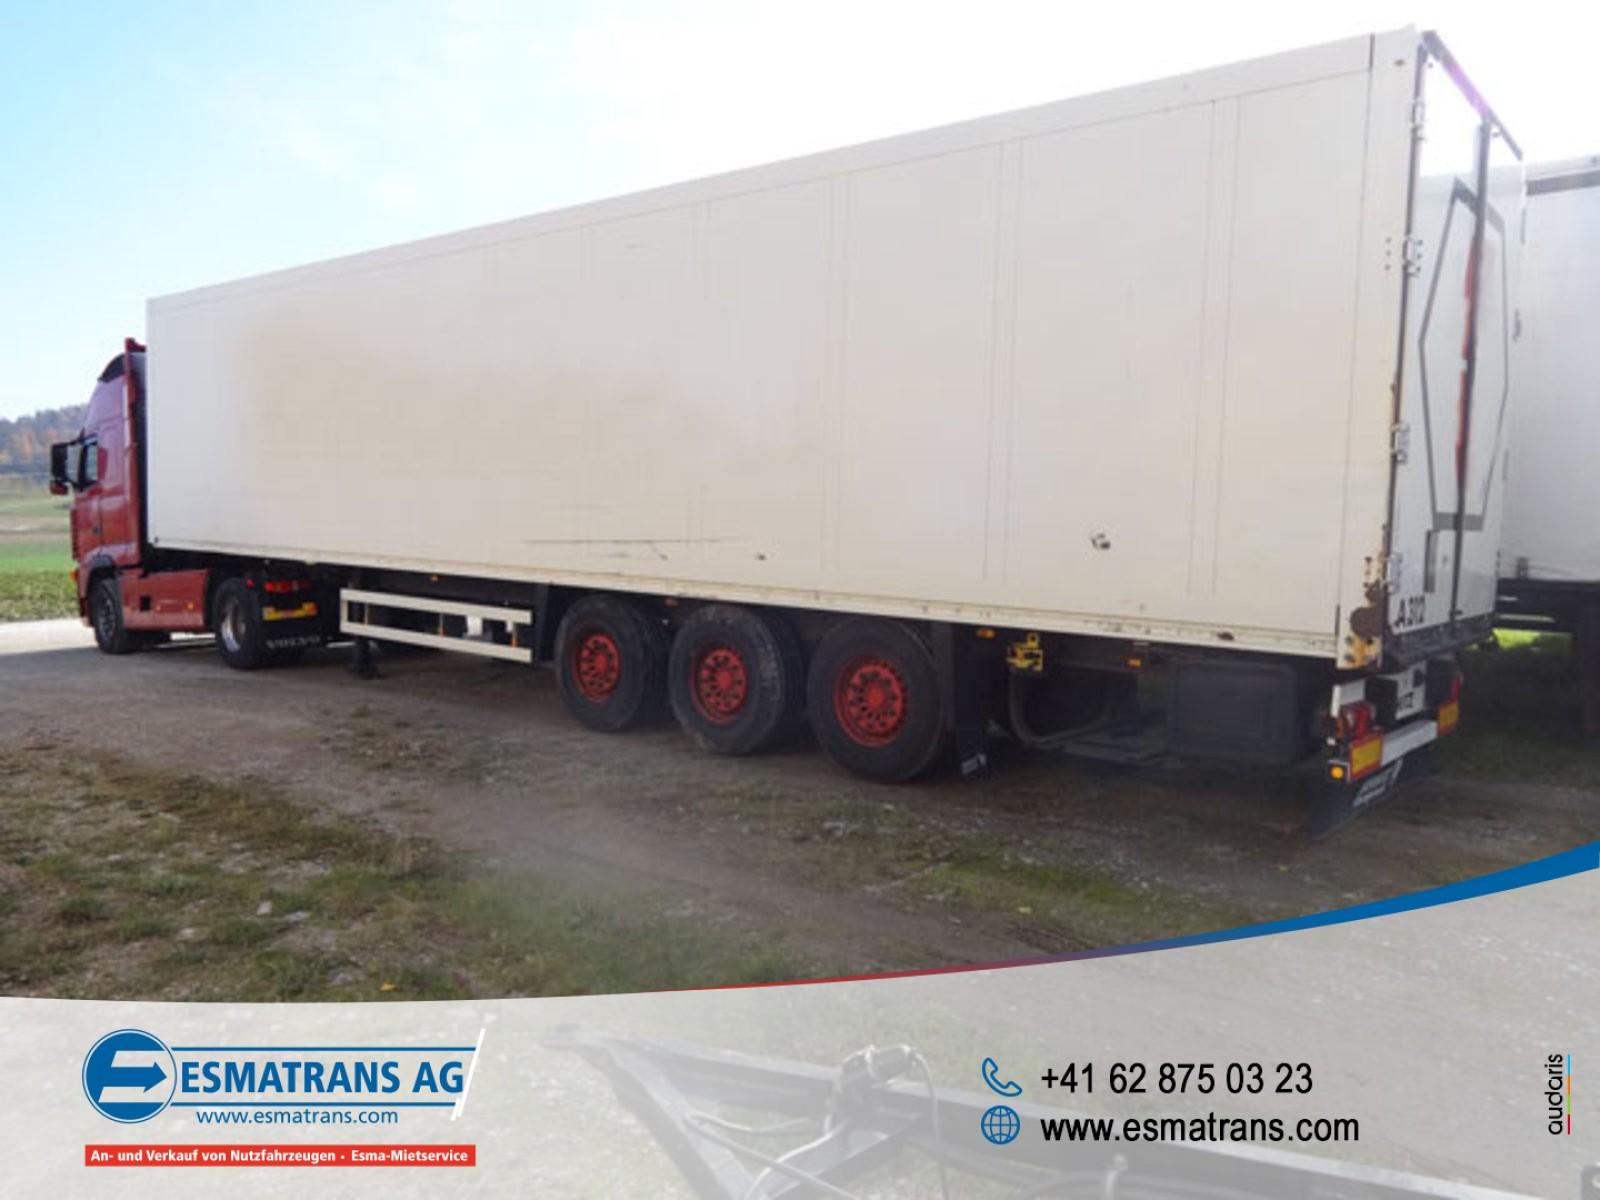 FRAN6306_882737 vehicle image